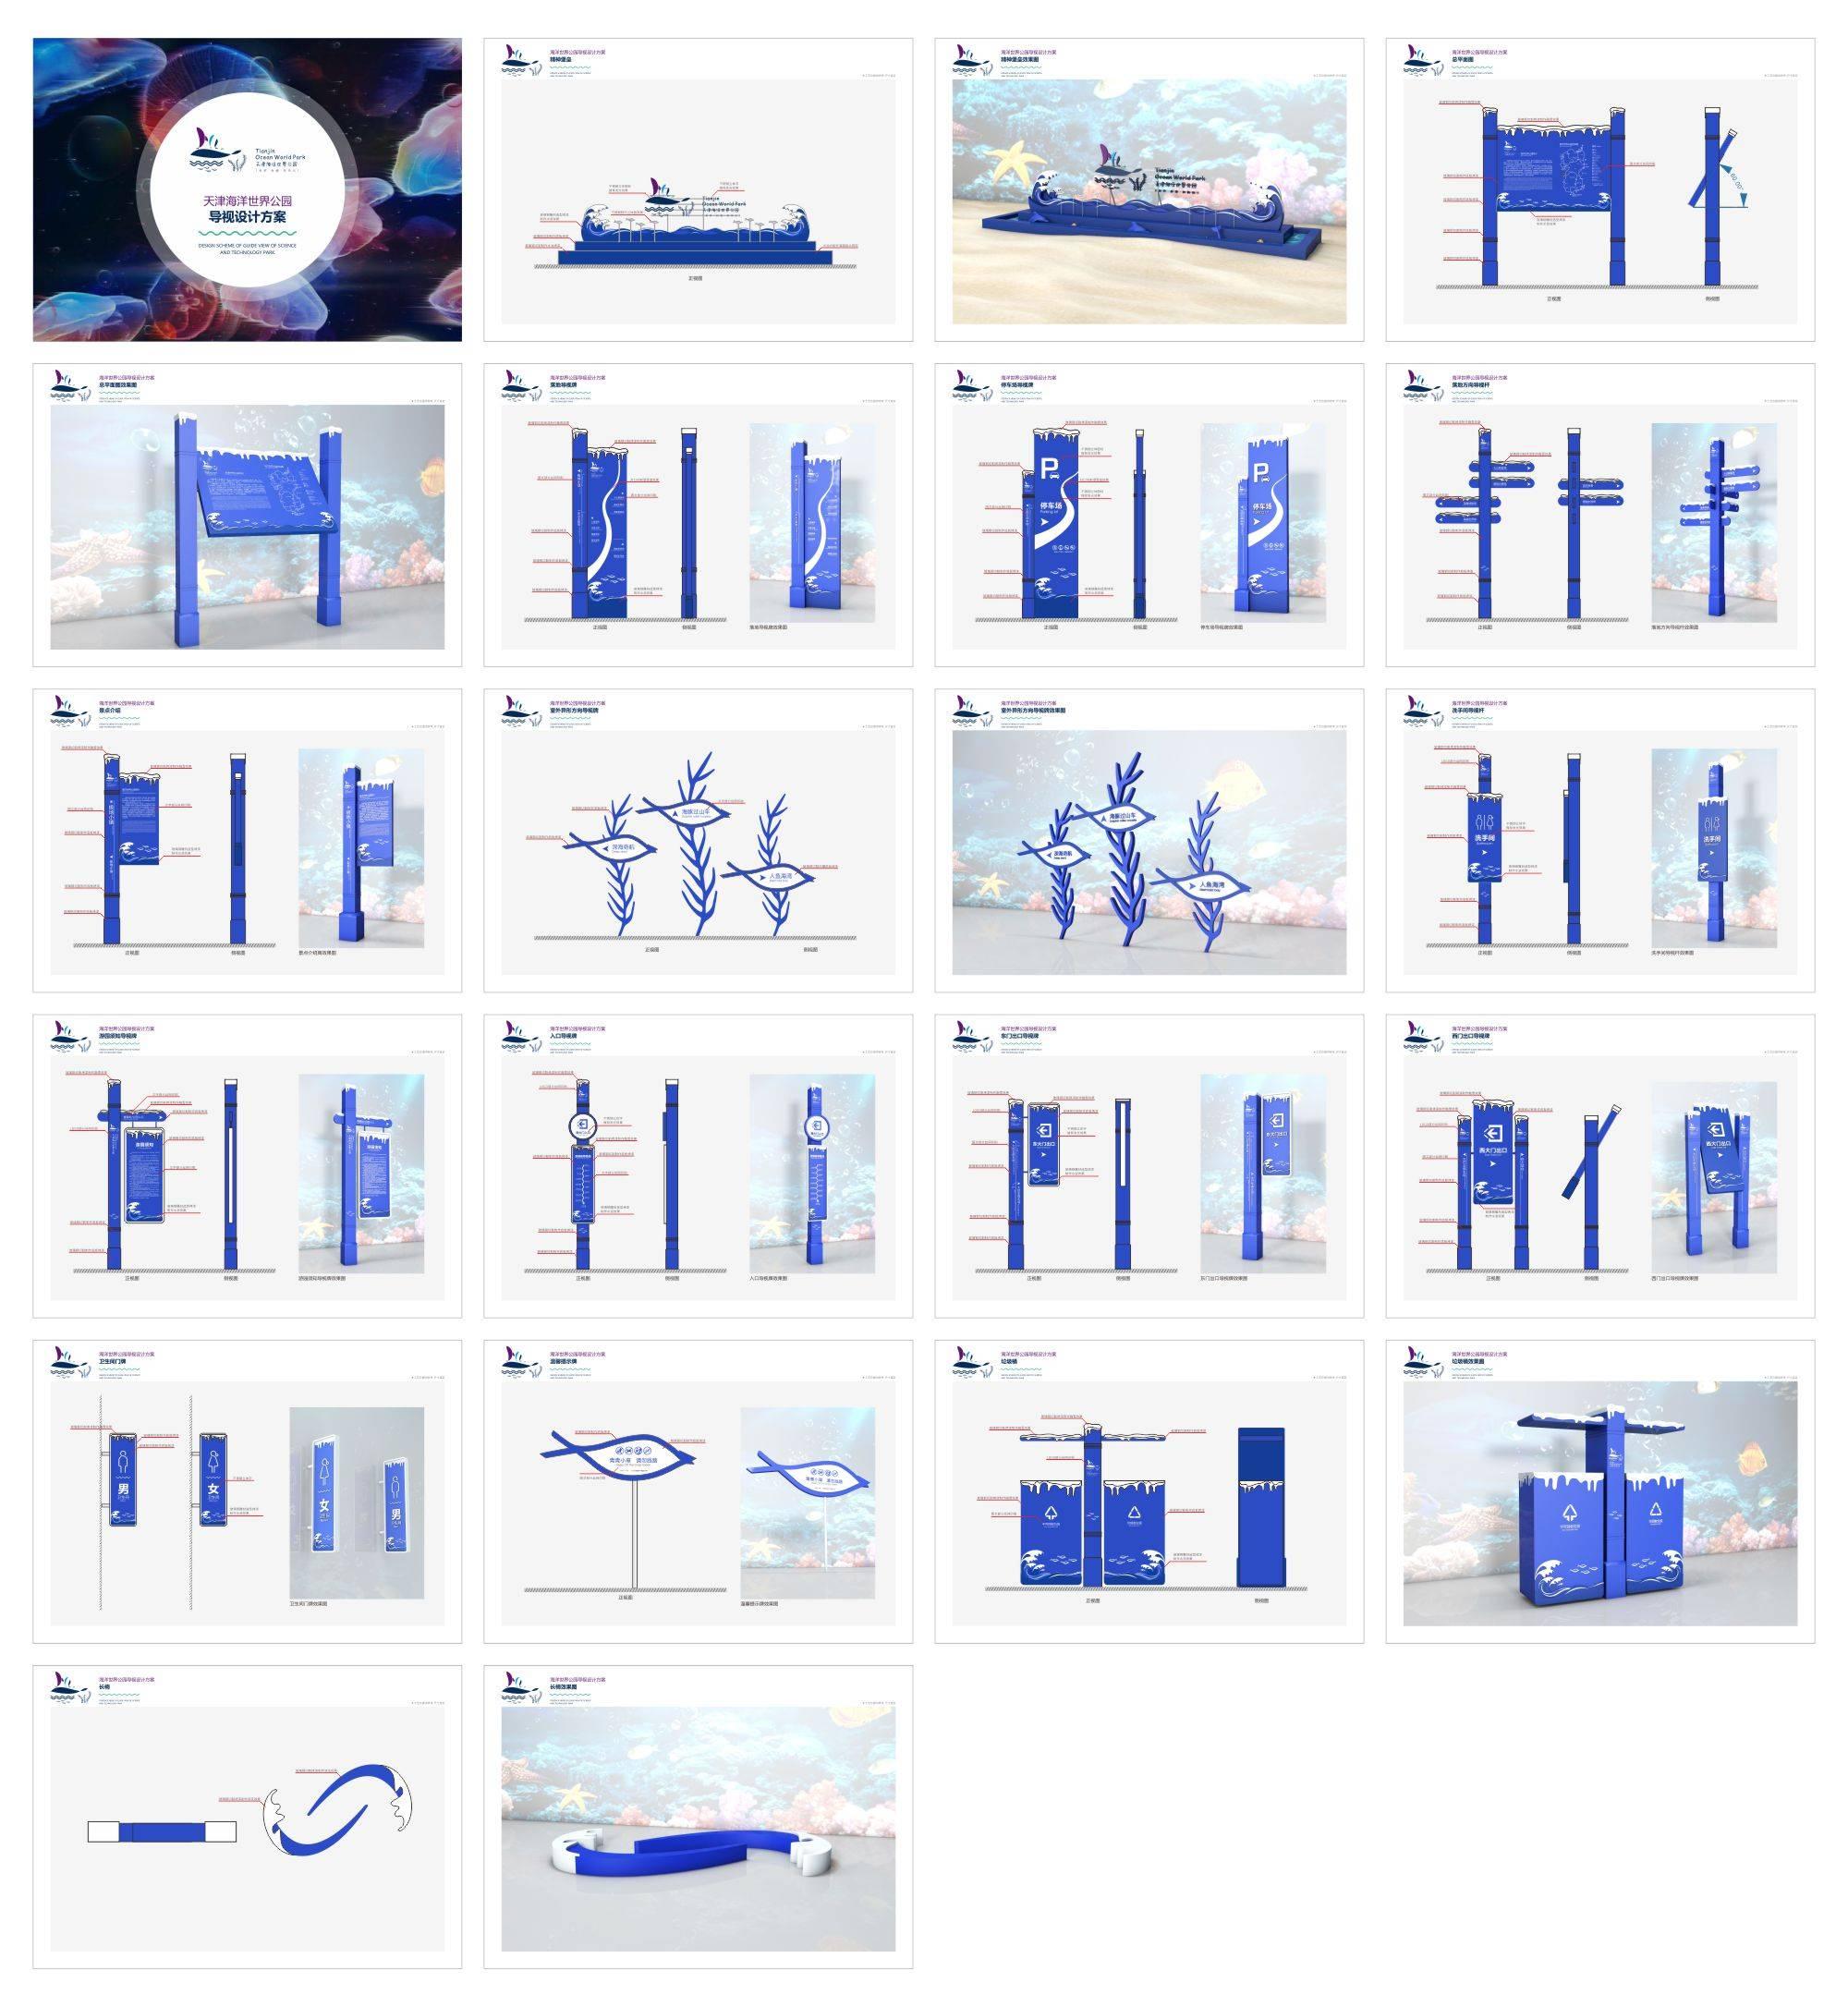 蓝色主题冰雪风格标识极地海洋世界导视系统模板(全套)